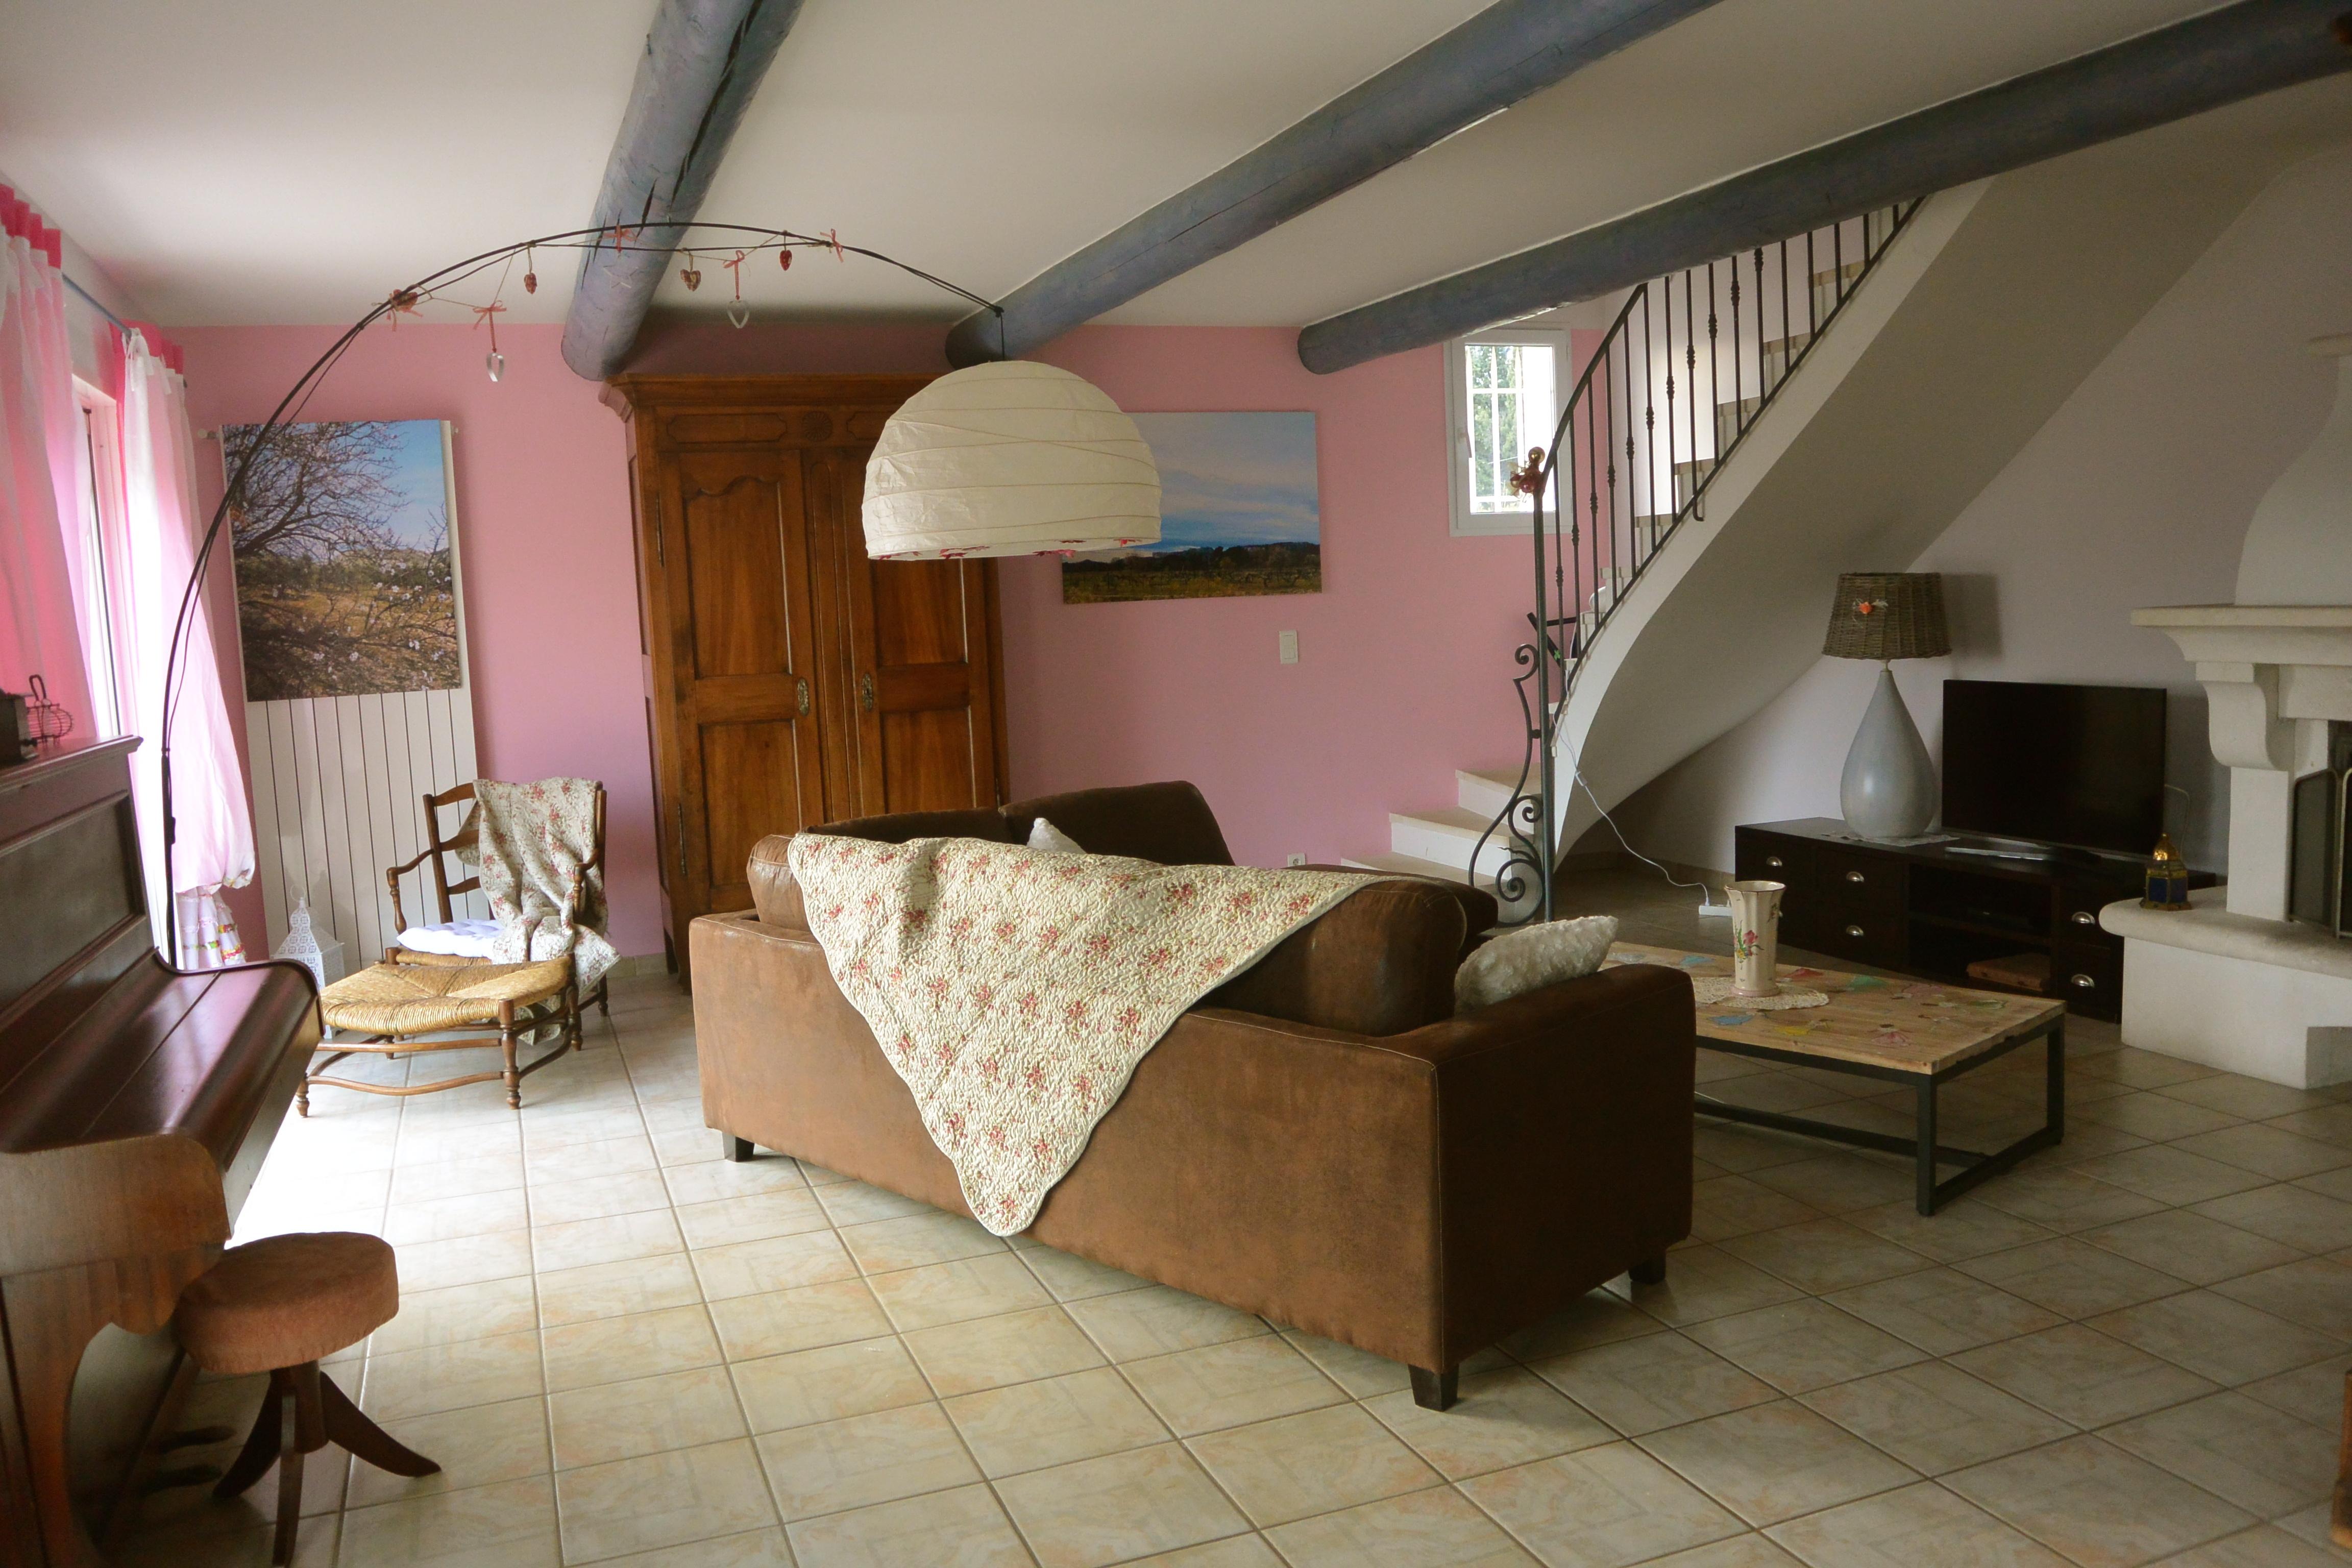 Rentals in maussane le mazet de ma s office de tourisme - Office de tourisme maussane les alpilles ...